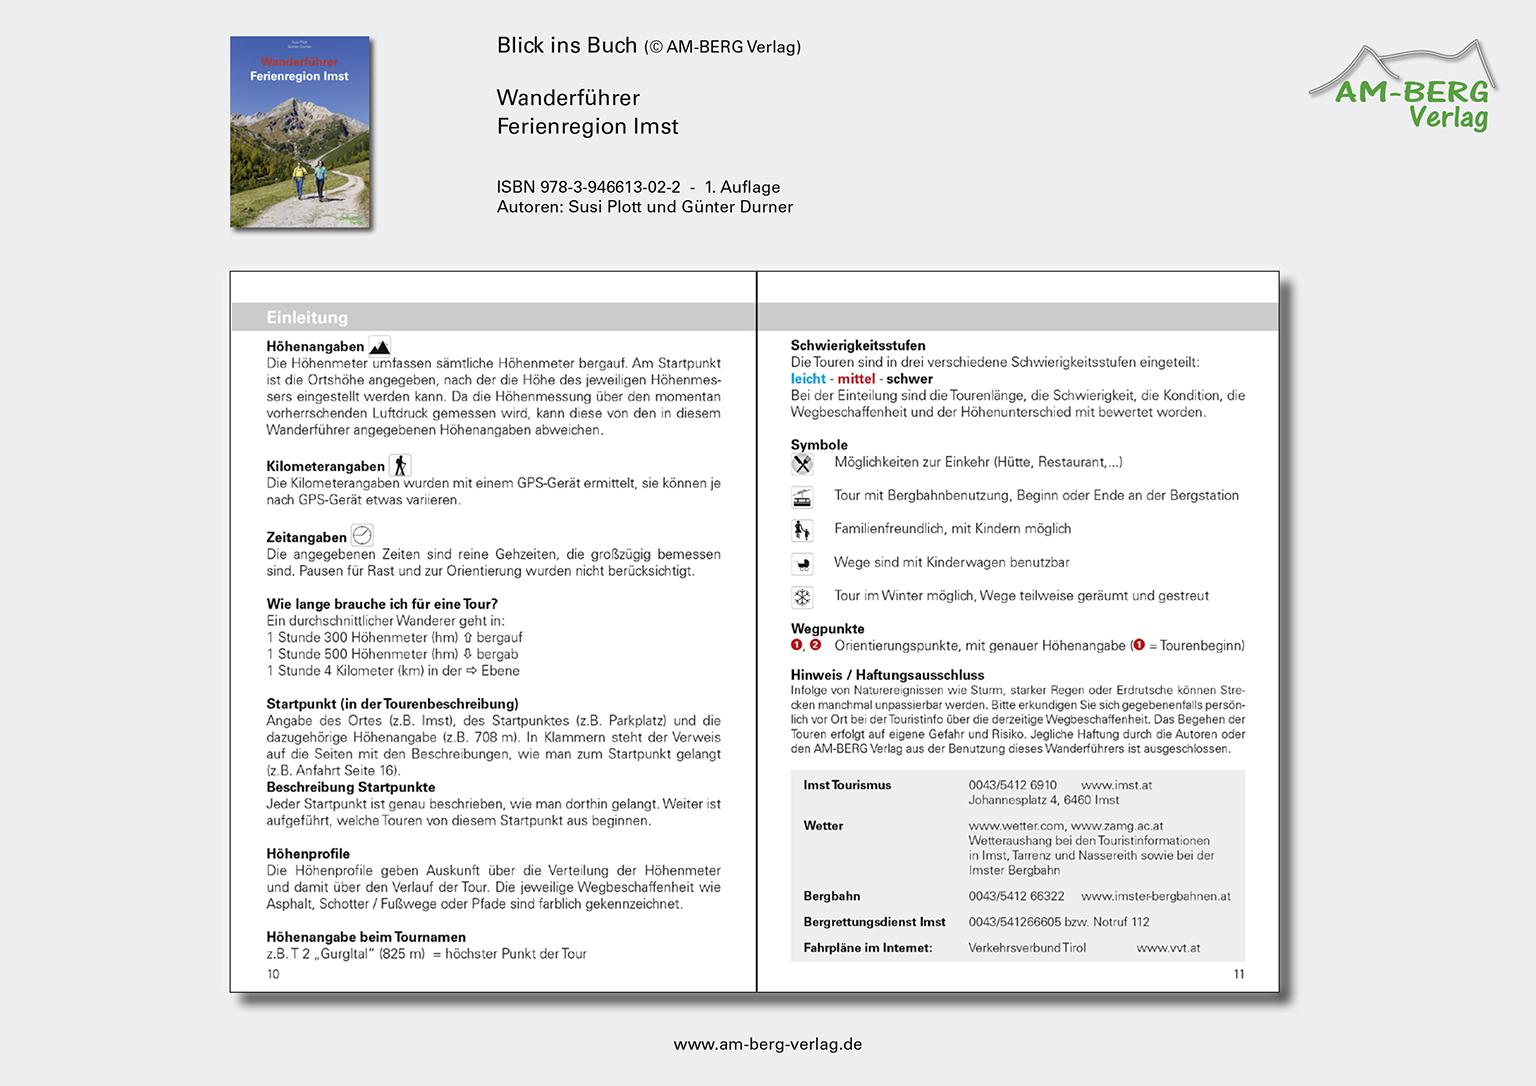 Wanderführer Ferienregion Imst_BlickinsBuch06